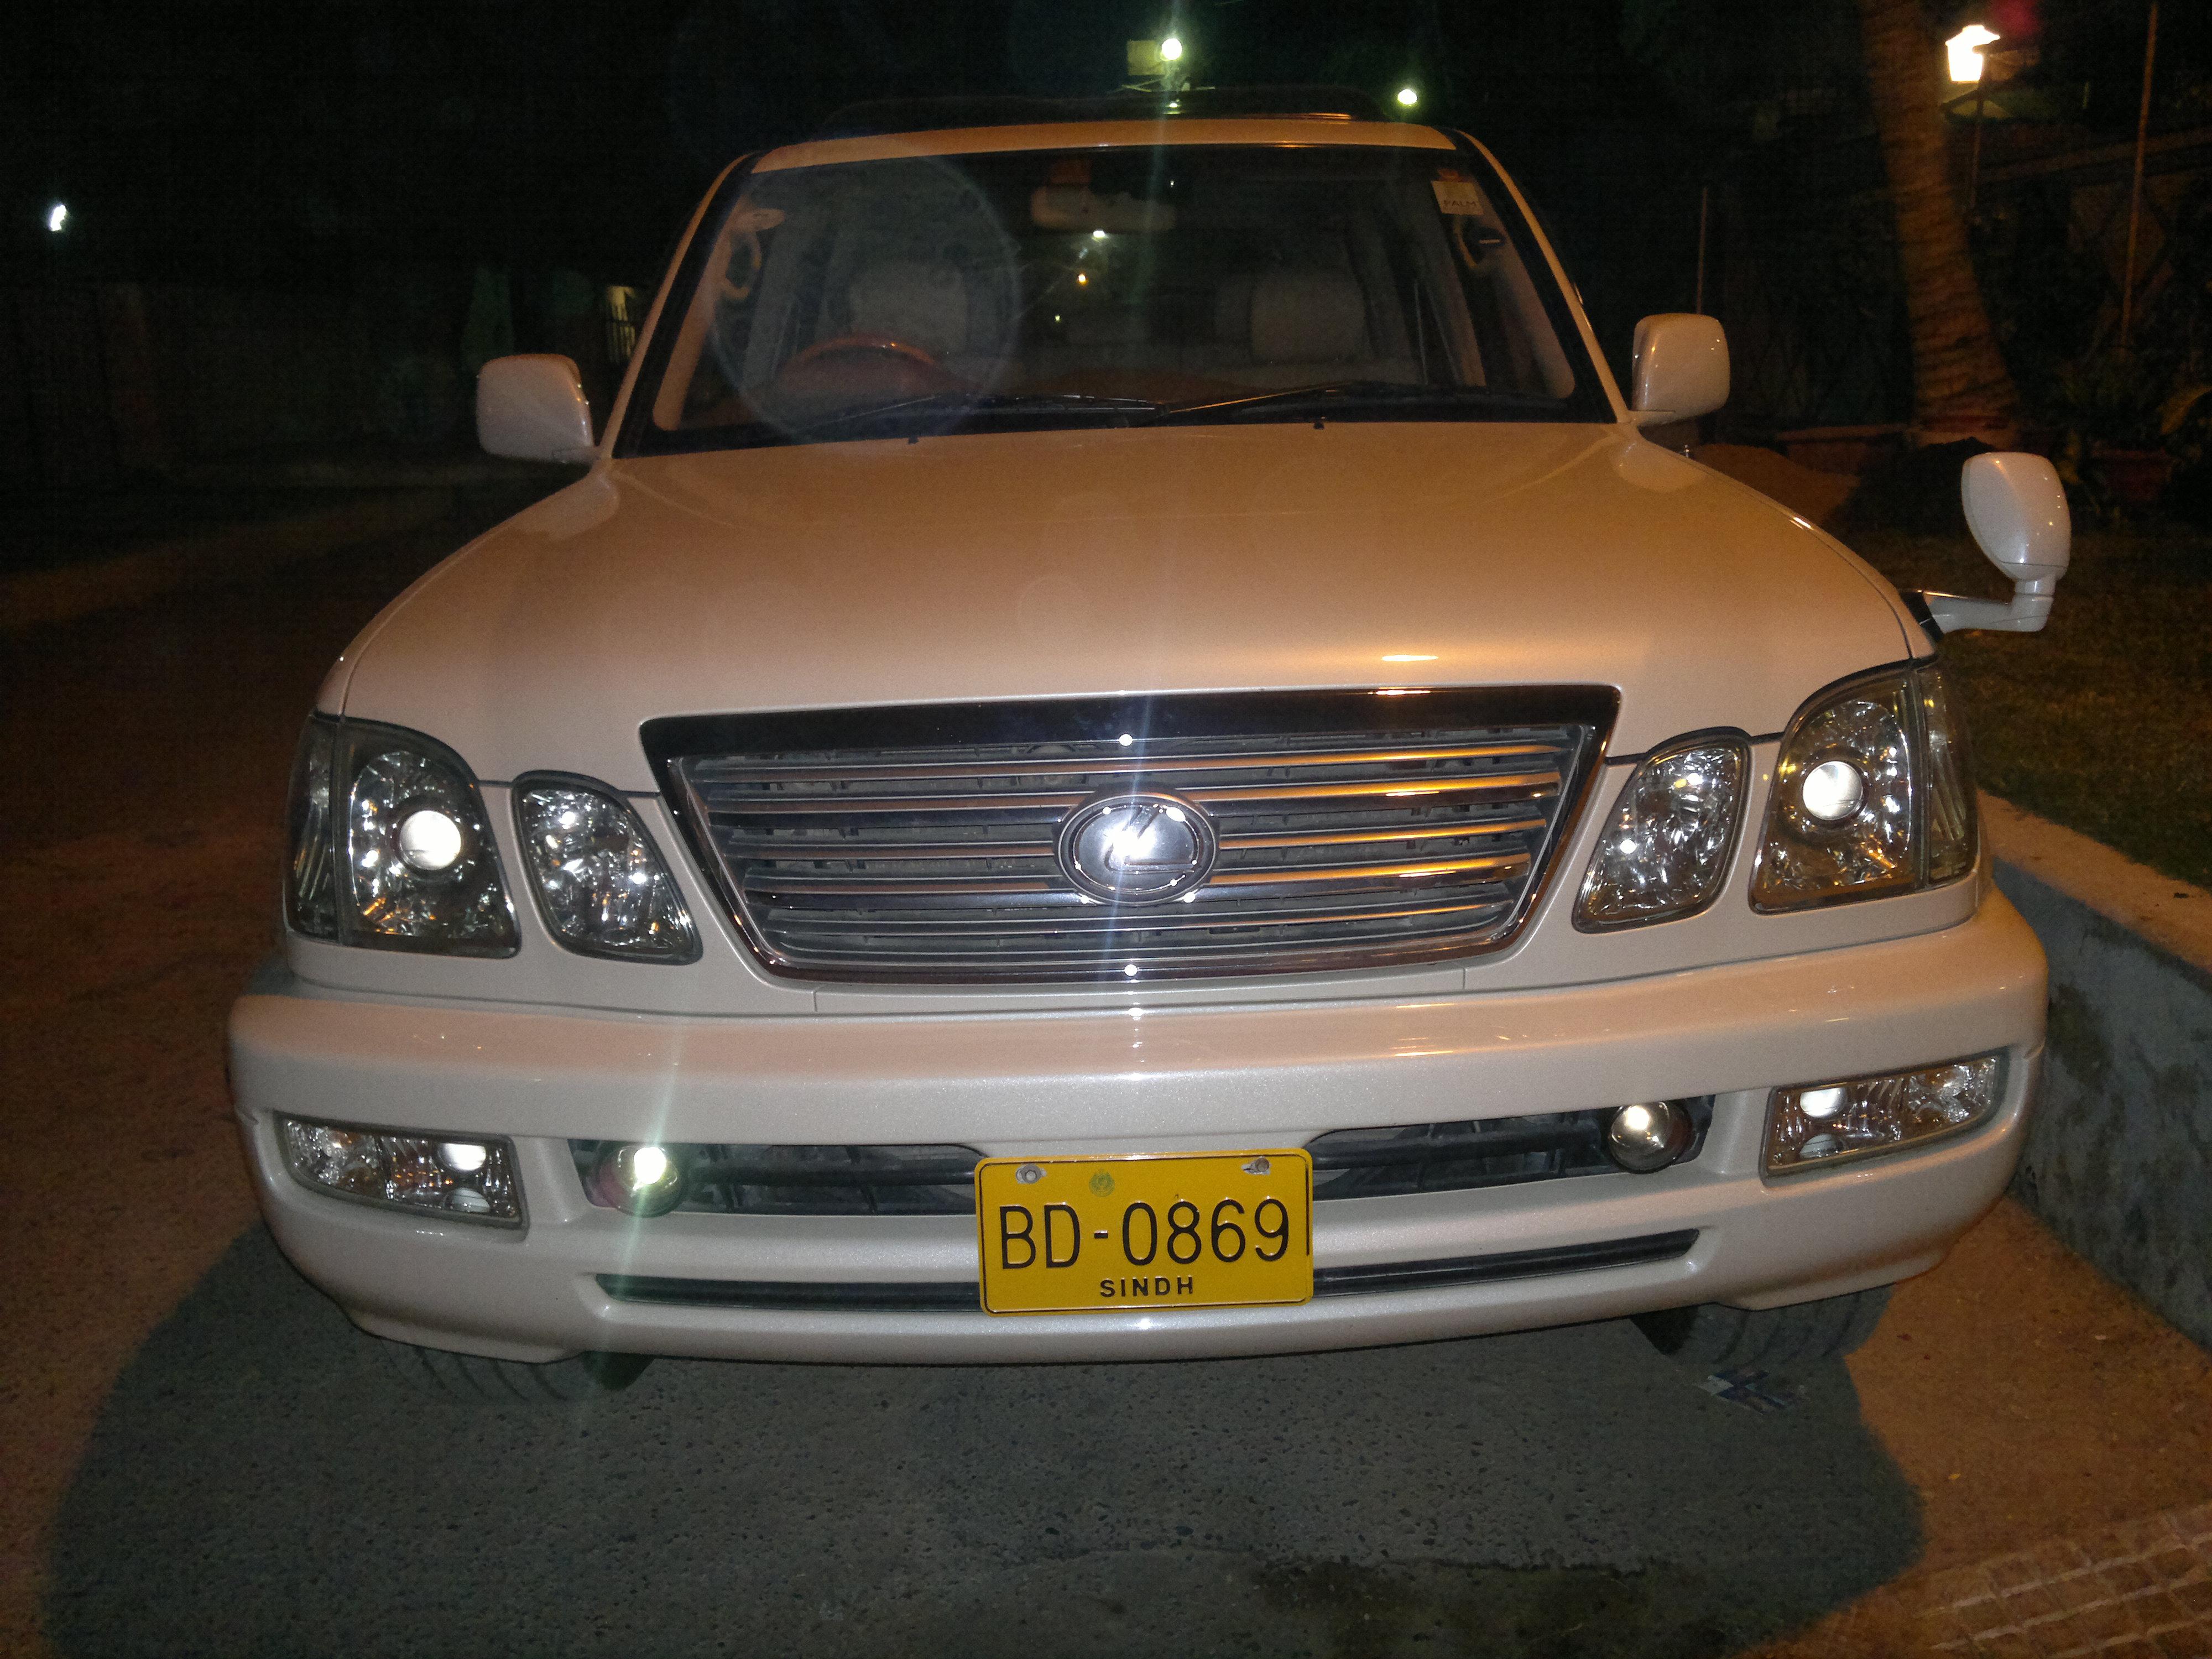 Lexus LX Series - 2006 Lx 470 Image-1